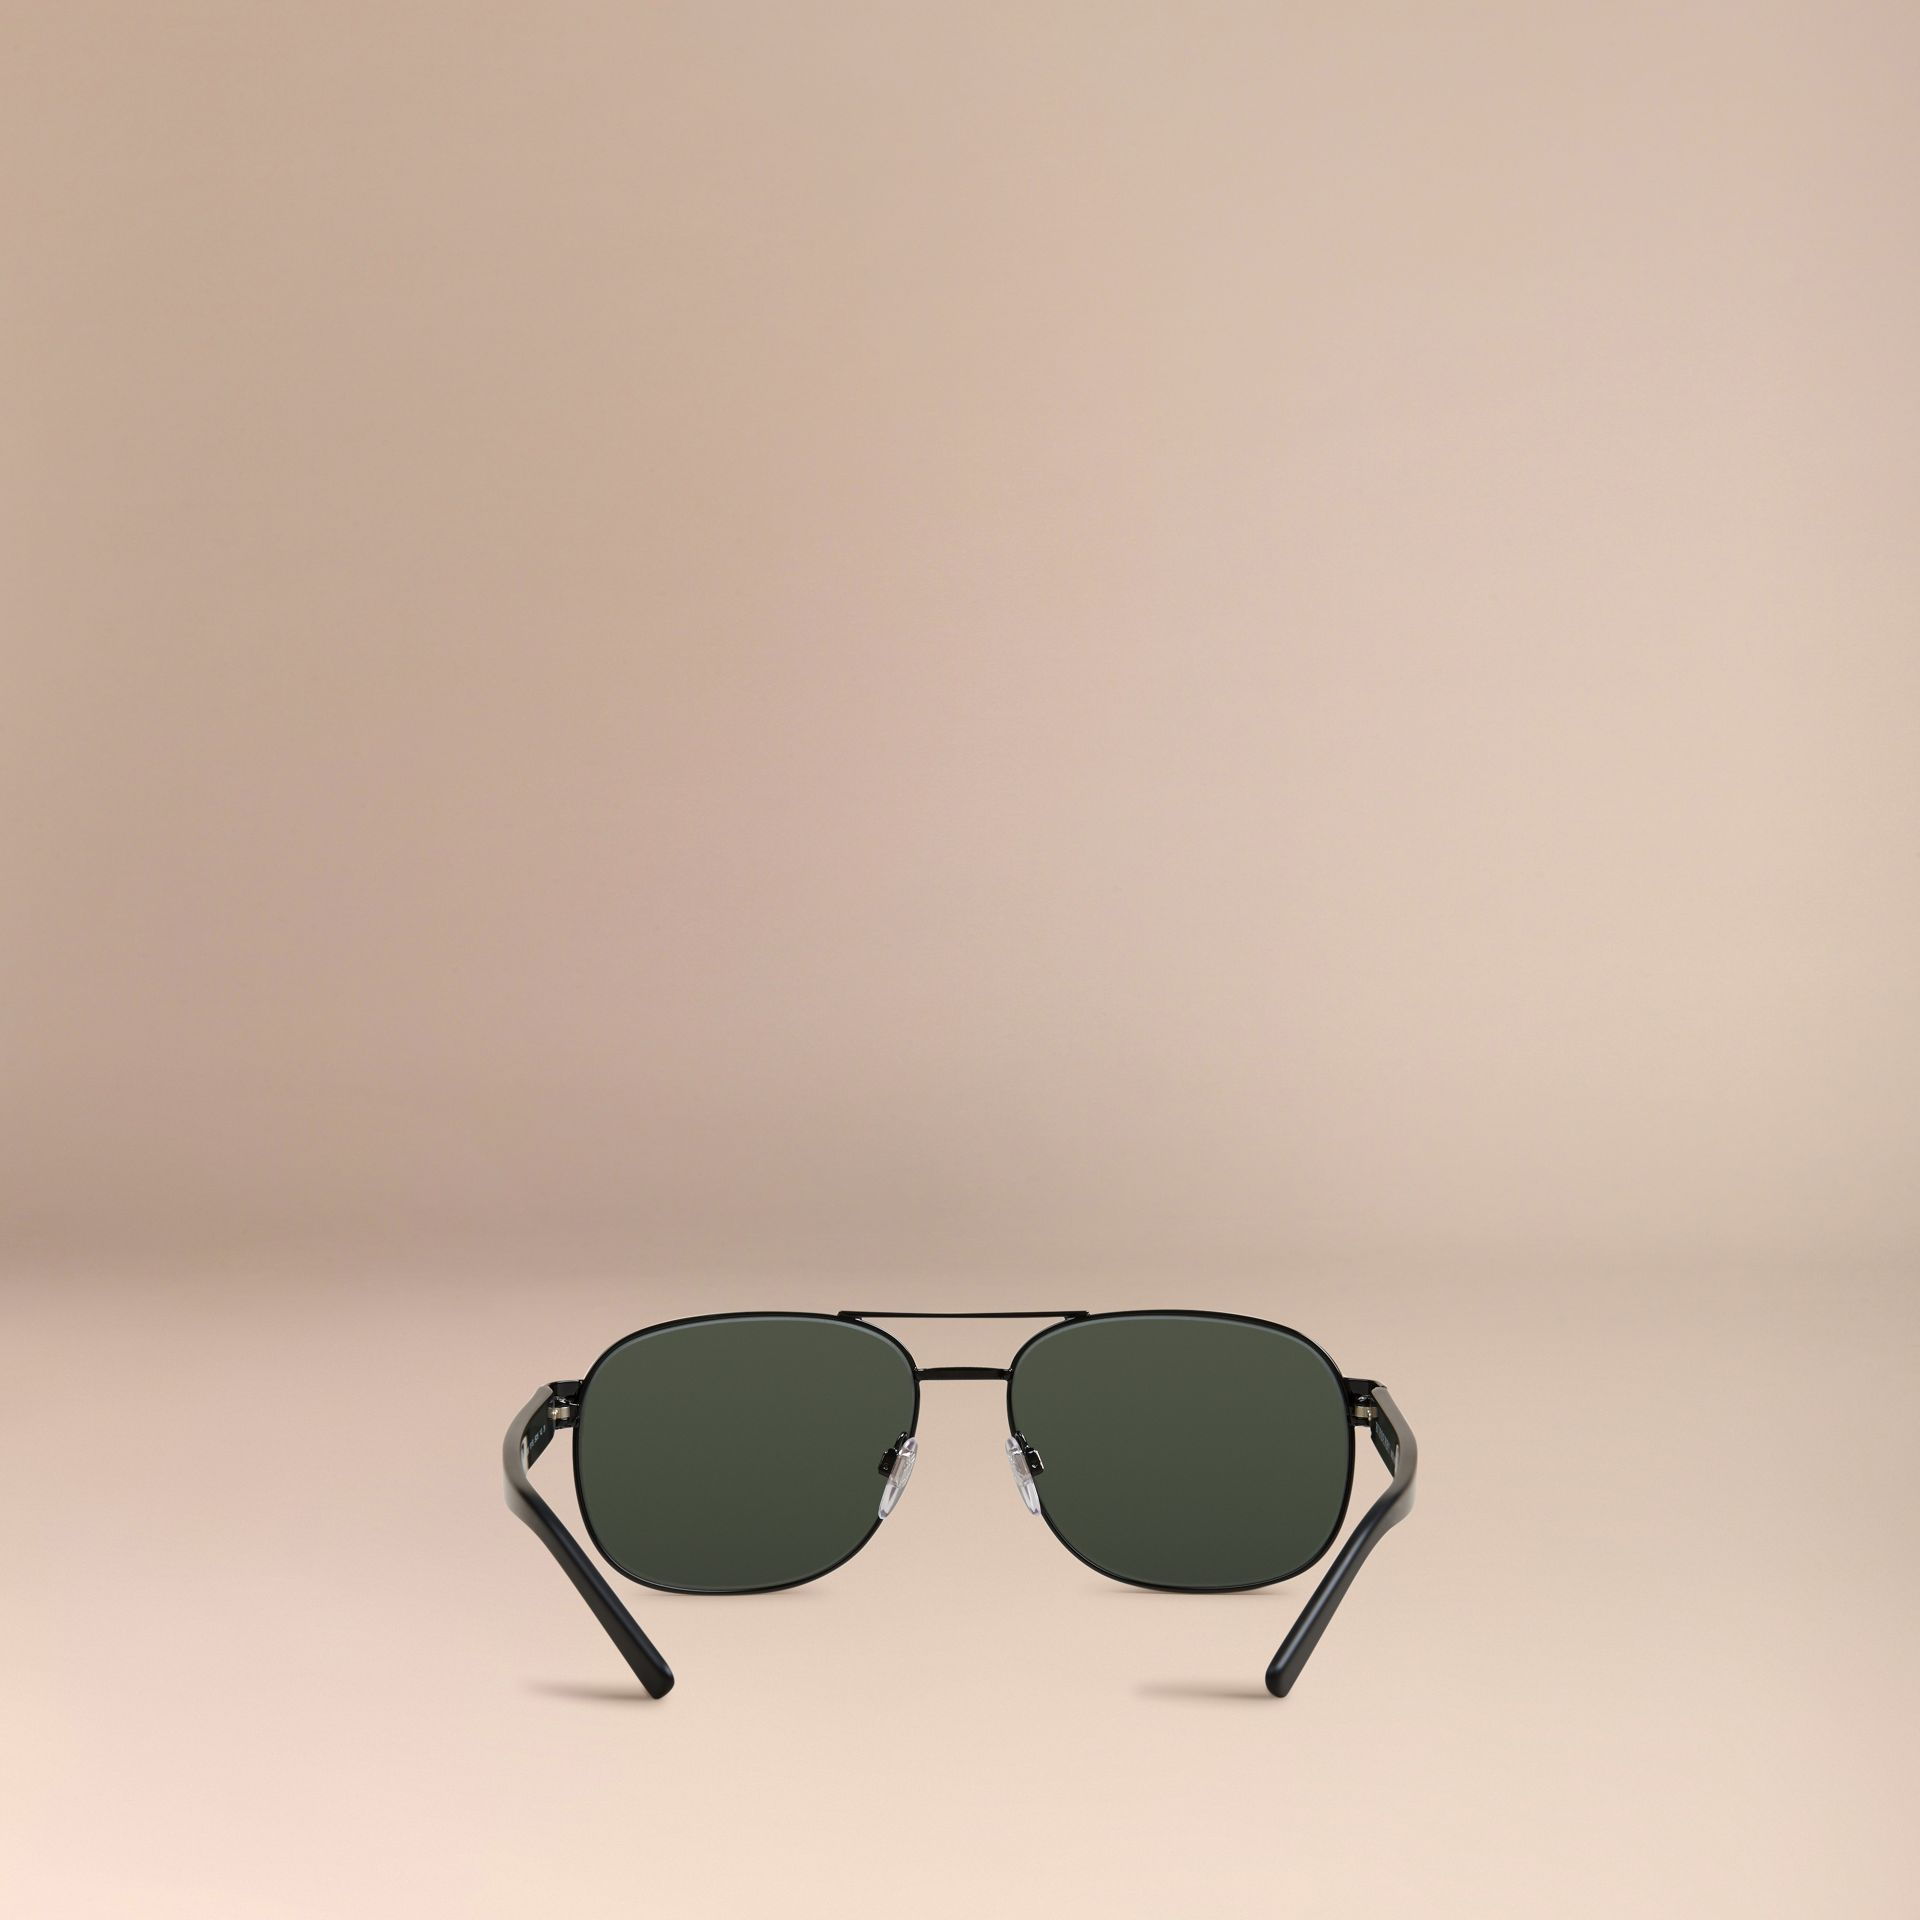 Nero lucido Occhiali da sole stile aviatore con montatura quadrata Nero Lucido - immagine della galleria 4